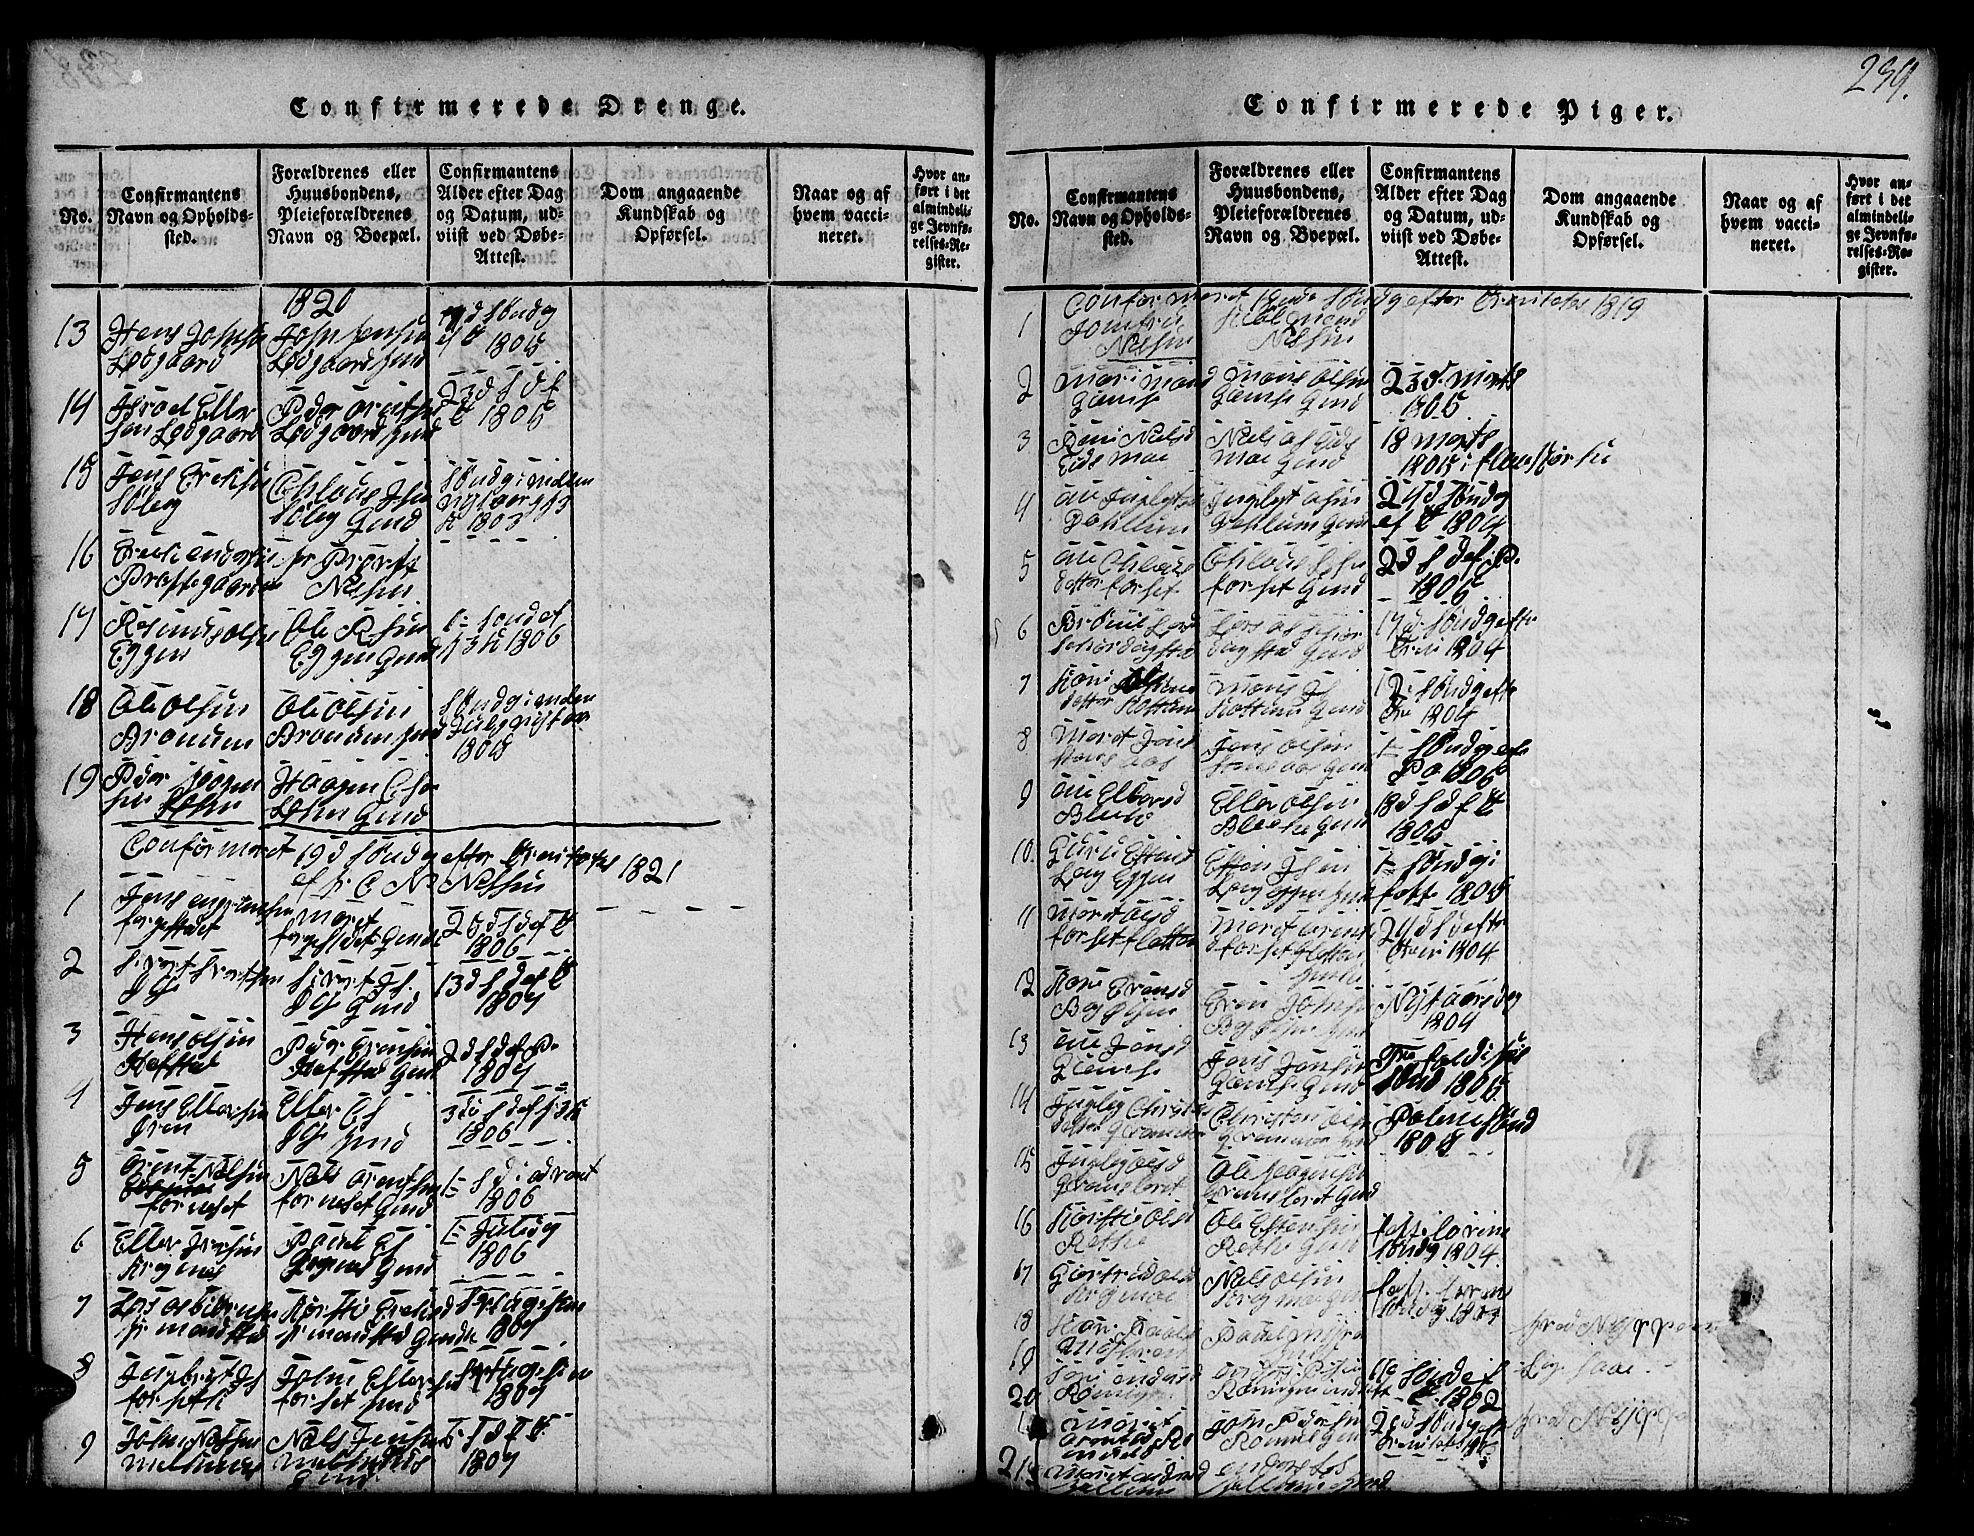 SAT, Ministerialprotokoller, klokkerbøker og fødselsregistre - Sør-Trøndelag, 691/L1092: Klokkerbok nr. 691C03, 1816-1852, s. 239